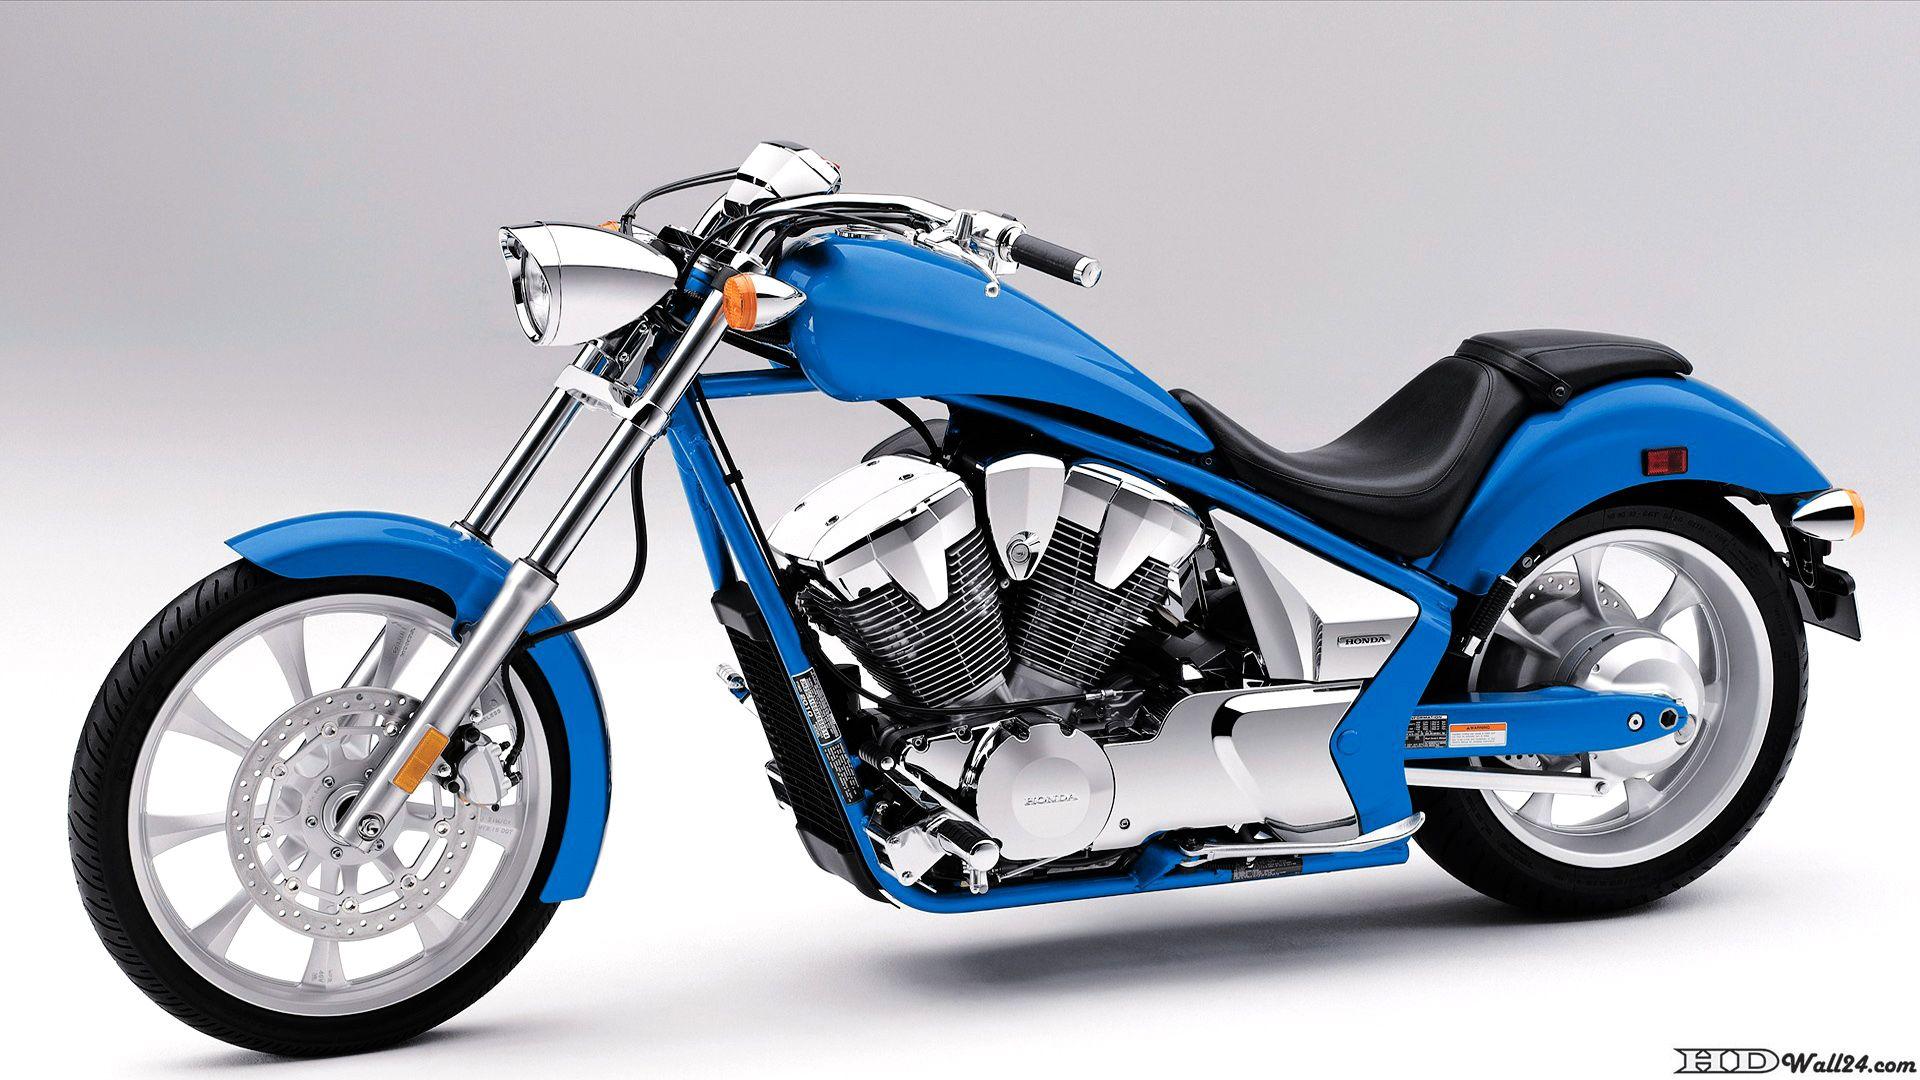 Wallpaper download bike - Honda Motor Bike Wallpapers Free Hd Wallpaper Download